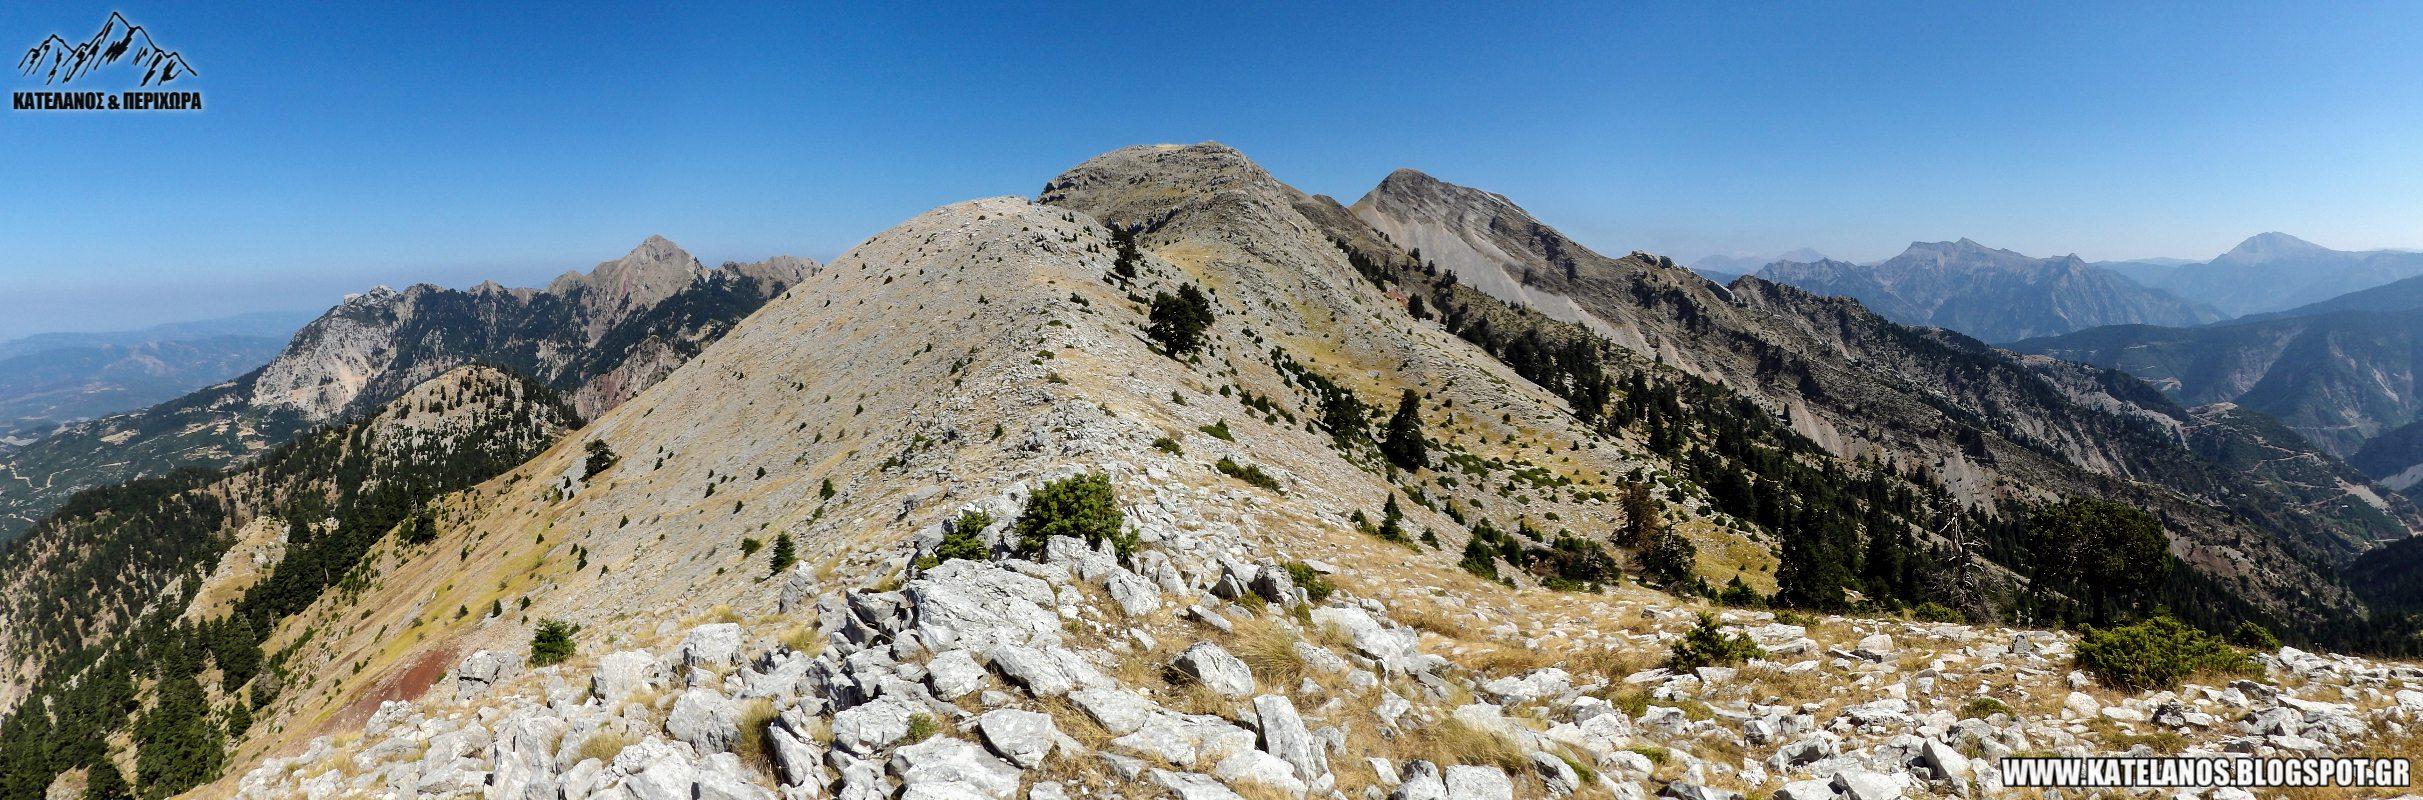 αξιοθεατα αιτωλοακαρνανιας βουνα ορειβασια